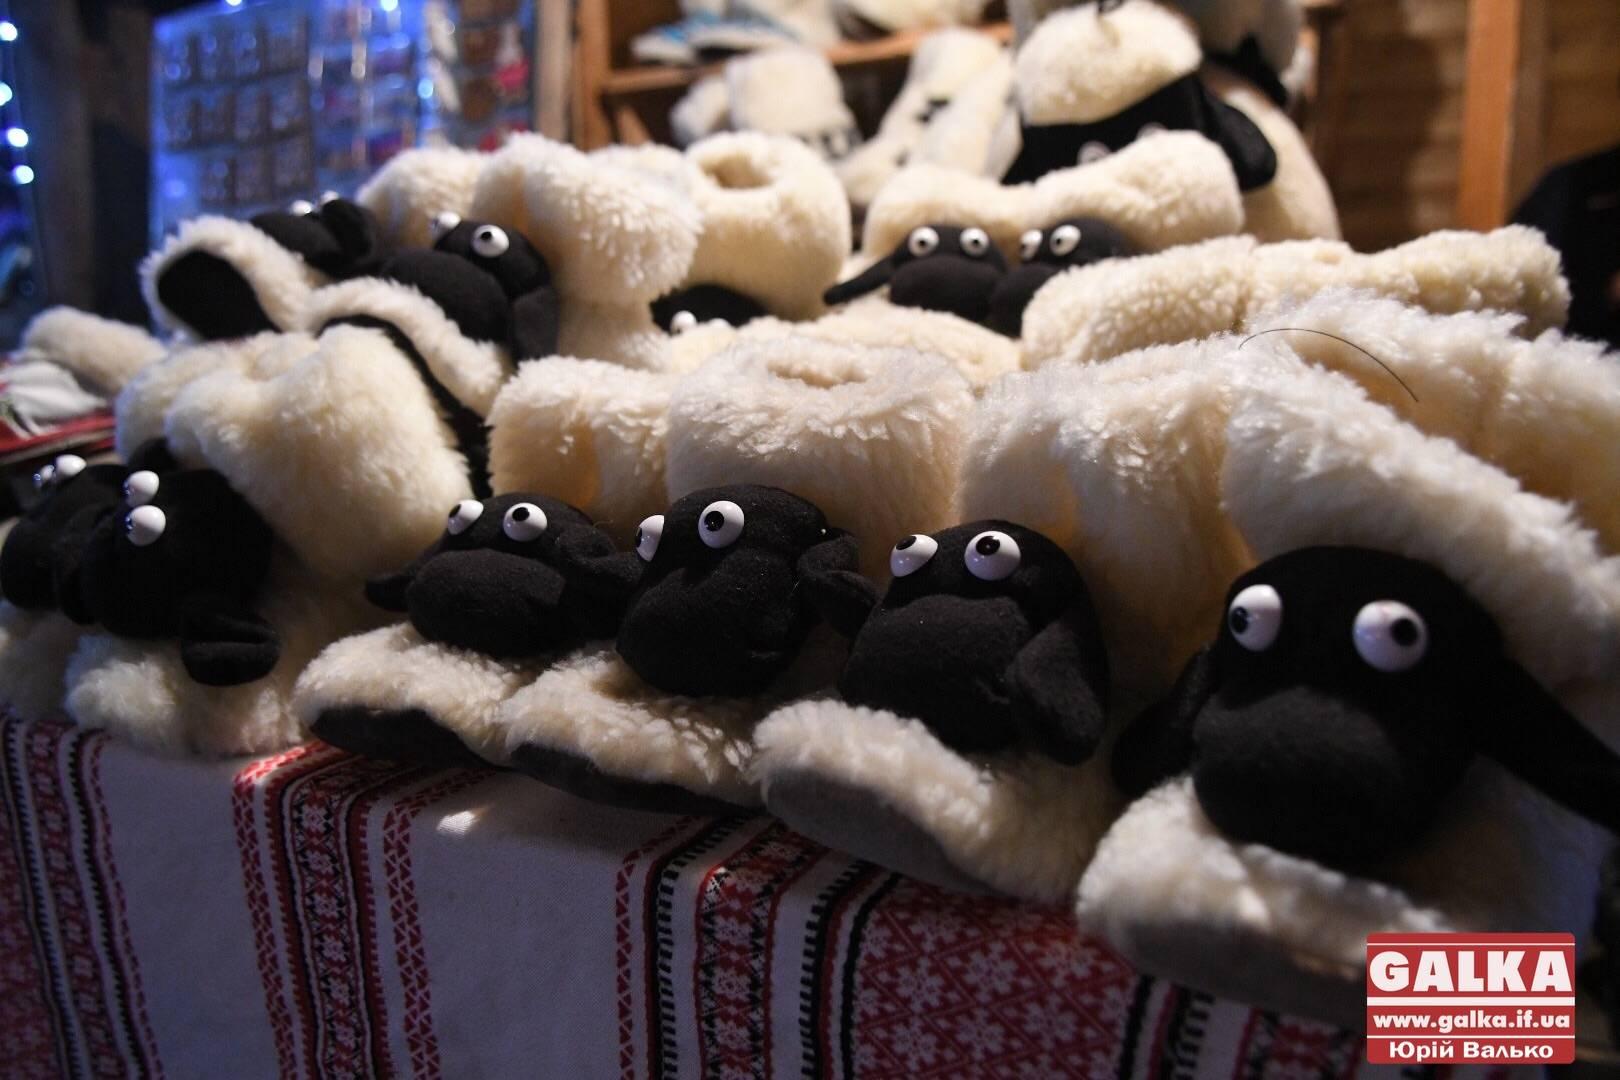 Франківців розпитали, як вони гріються взимку та яких новорічних свят чекають найбільше (ВІДЕО)